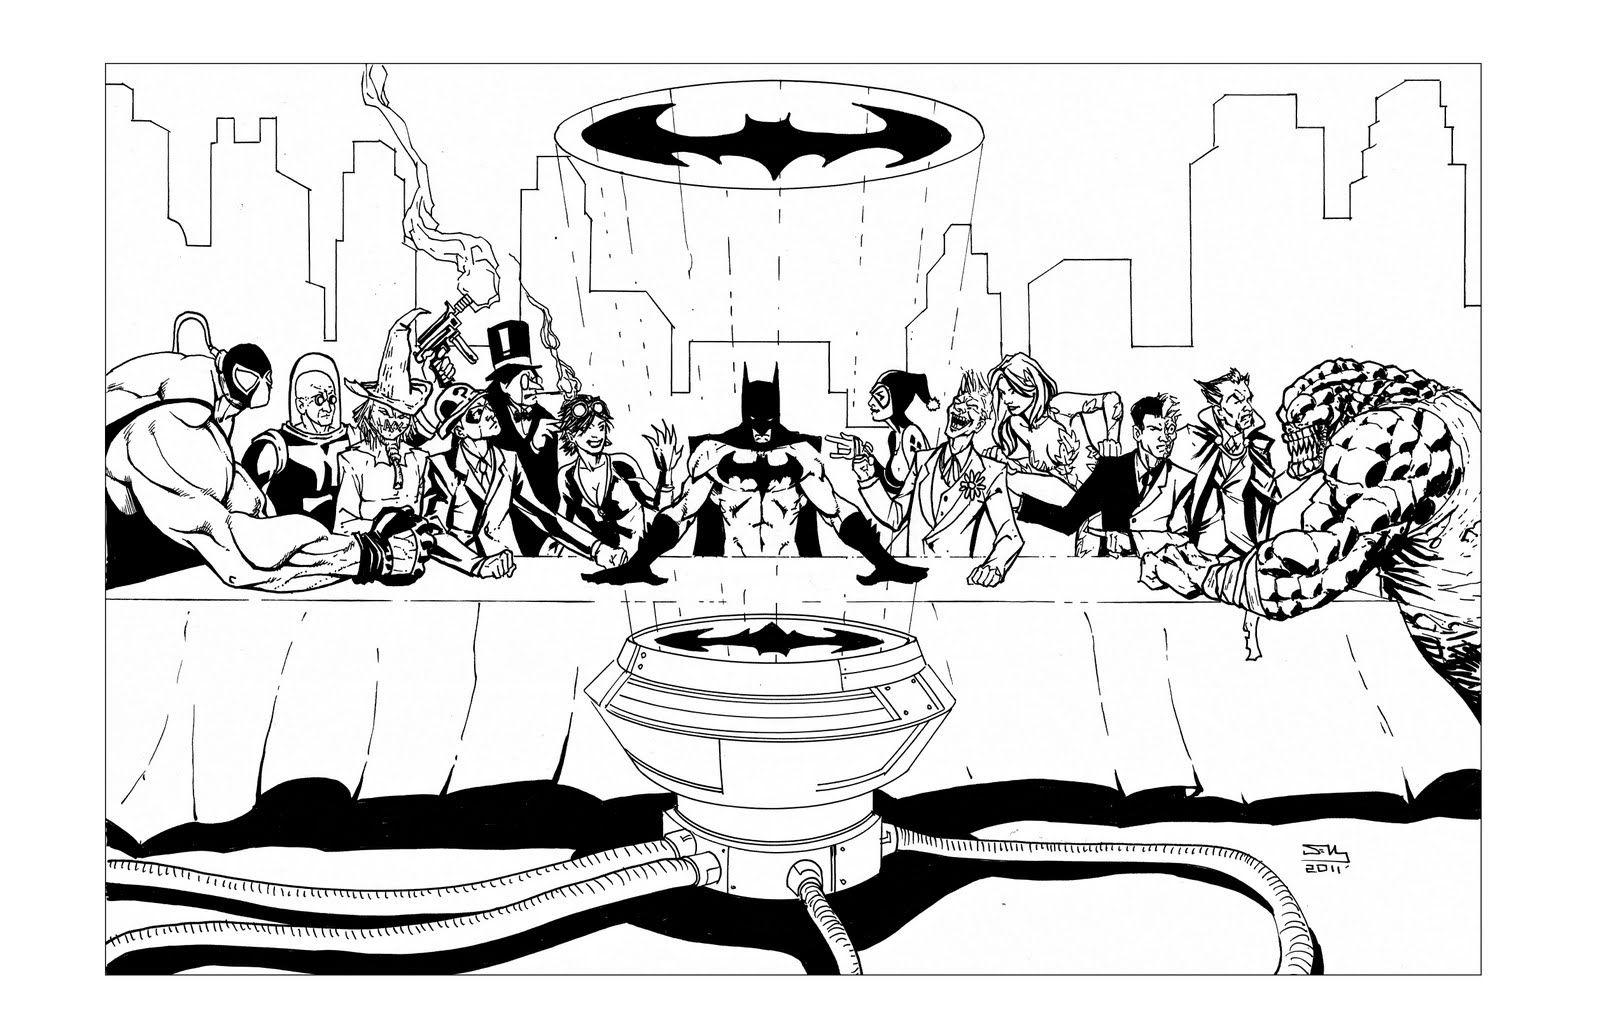 Free coloring pages last supper - Batman Villans The Last Supper Free Coloringcoloring Pageslast